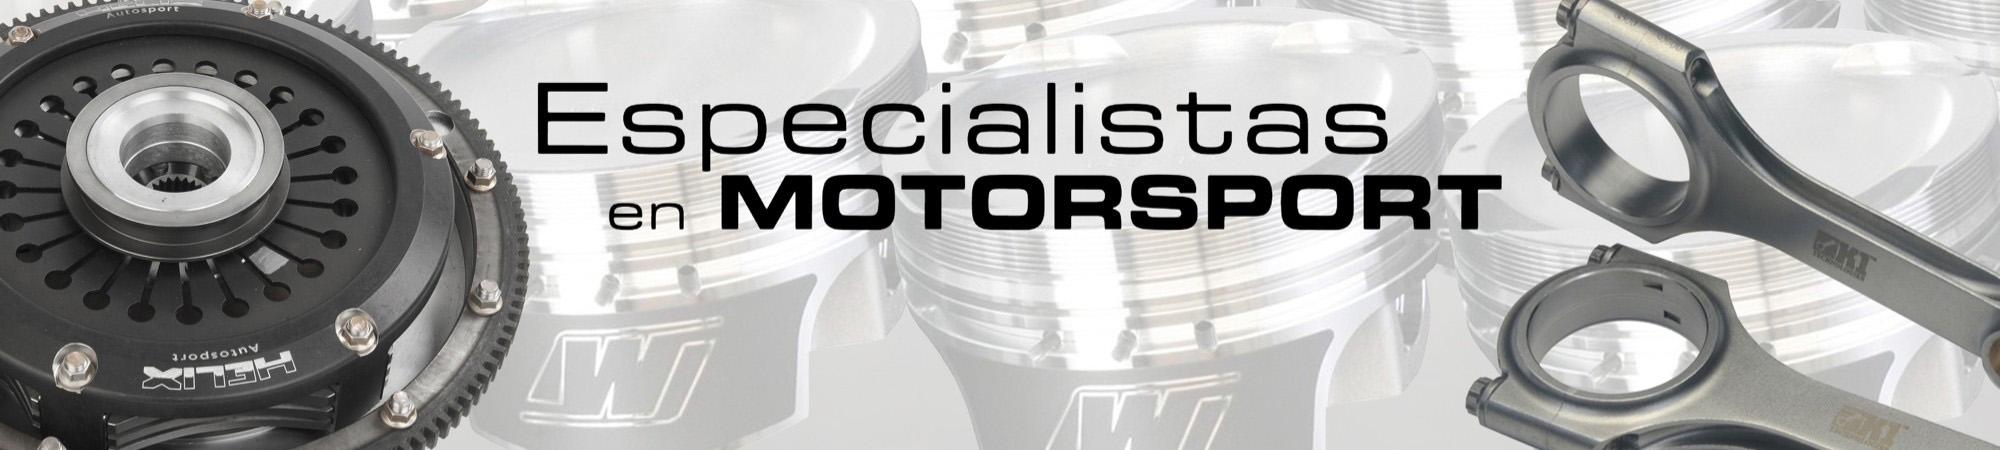 Especialistas en motorsport